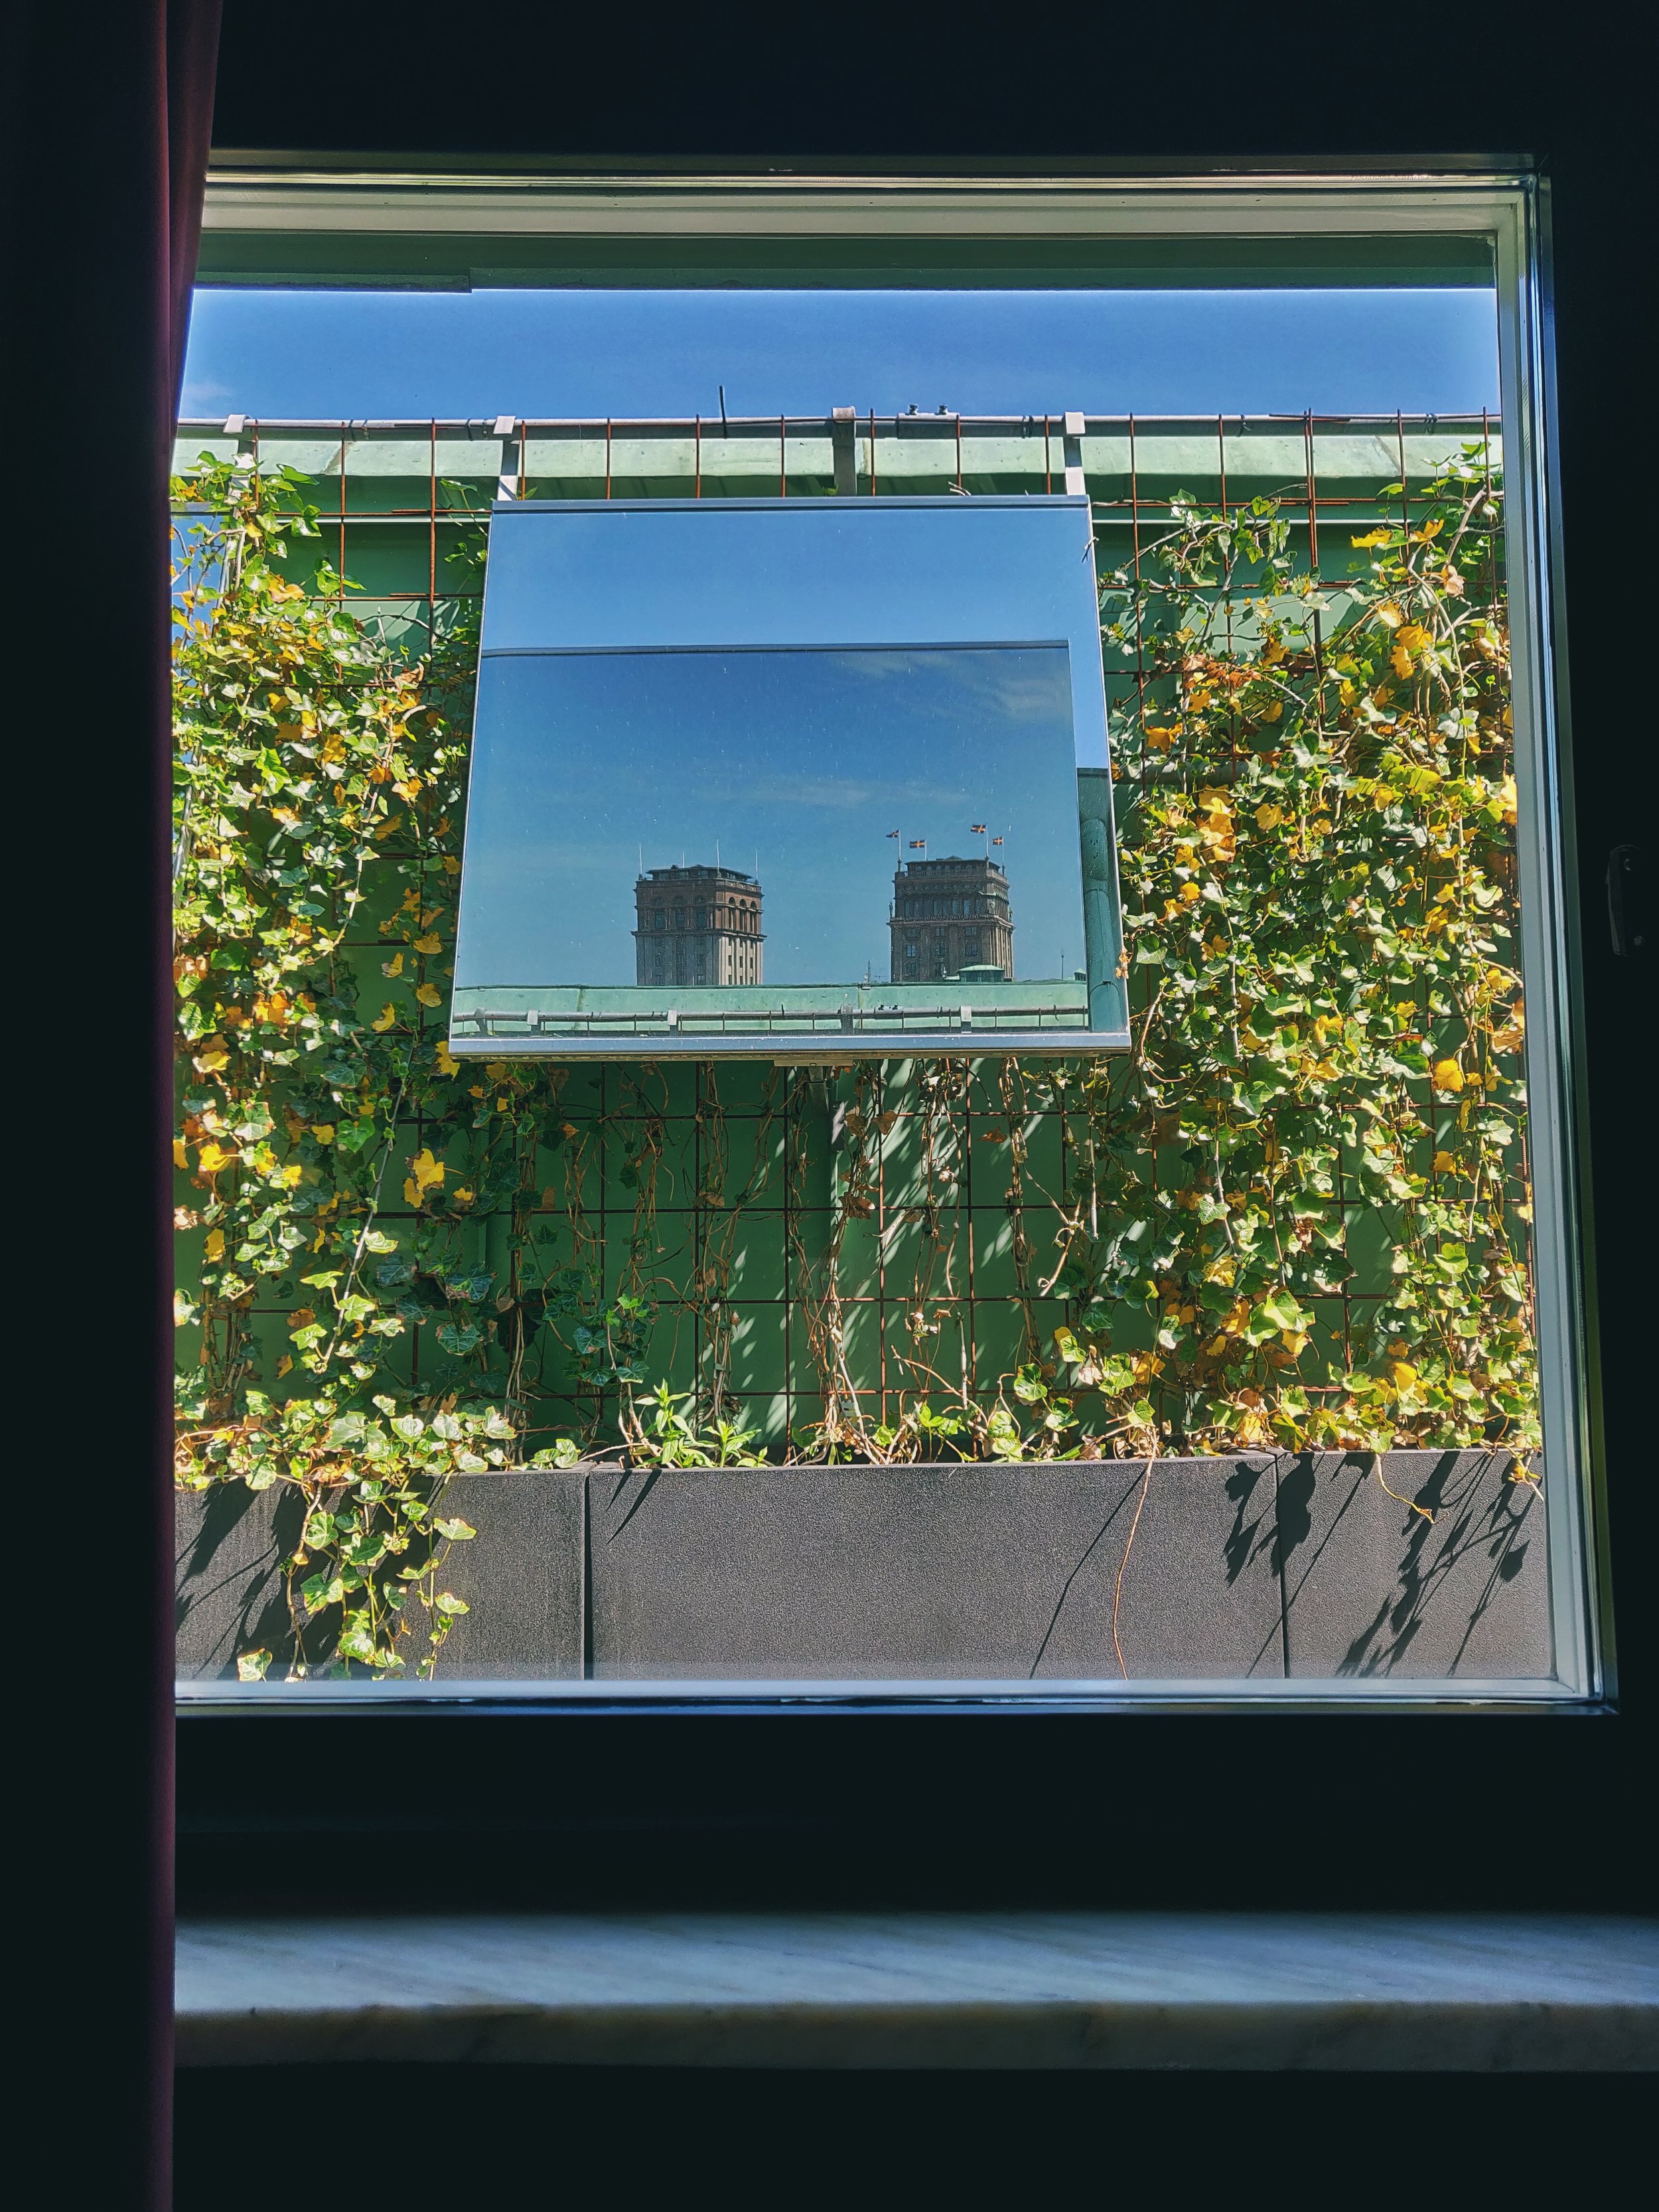 Utsikt från hotellrumsfönstret via spegel. För annars skulle det ju inte vara någon utsikt alls.